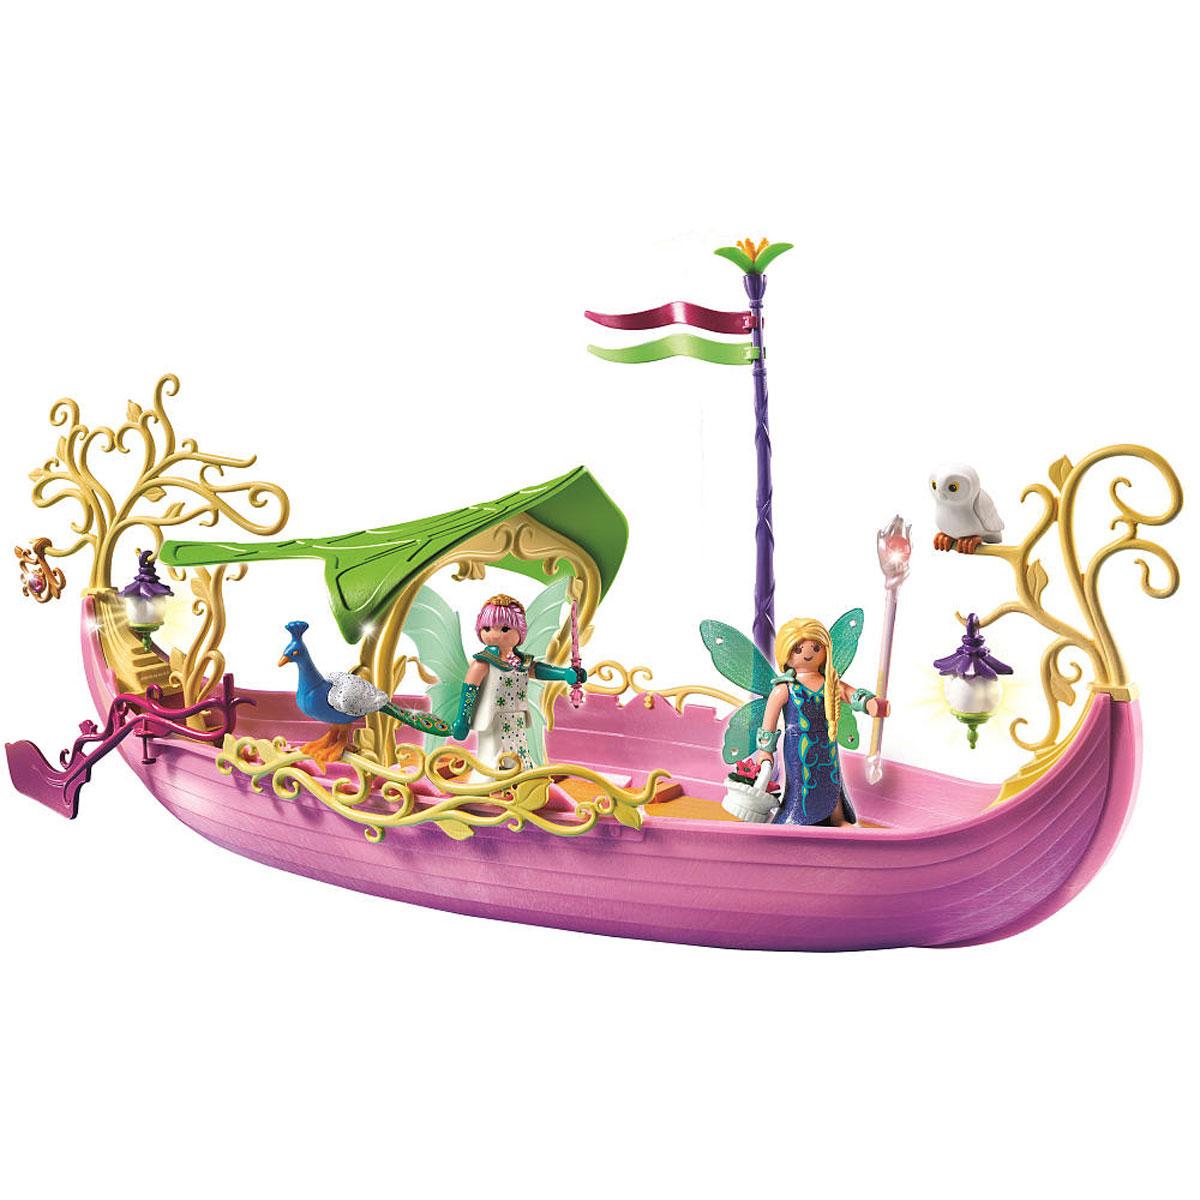 Playmobil Игровой набор Корабль королевы Фей5445pmИгровой набор Playmobil Корабль королевы Фей позволит вашей дочурке погрузиться в сказочный мир волшебства. В комплект входят: фигурки фей, лодка, подвеска, а также дополнительные аксессуары и элементы декора. Элементы набора выполнены из прочного пластика ярких цветов и легко соединяются между собой. Руки и головы фигурок подвижны, а благодаря специальной форме ручек, они могут держать различные небольшие предметы, входящие в набор. Прекрасная лодка-гондола перенесет игроков и их героев в сказочный мир фей, а от жары спасет большой навес, которым оснащена лодка. Фигурки фей могут воспользоваться кристальным посохом или волшебной палочкой, чтобы немного поколдовать. Кустарник, цветы, камни, фигурки павлина и филина помогут создать сказочный остров - мир магии. А вдруг по дороге встретятся и крылатые питомцы фей - единороги? Ветви деревьев можно украсить декоративными фонариками, чтобы осветить островок в темное время суток. Фигурки фей одеты в длинные платья,...